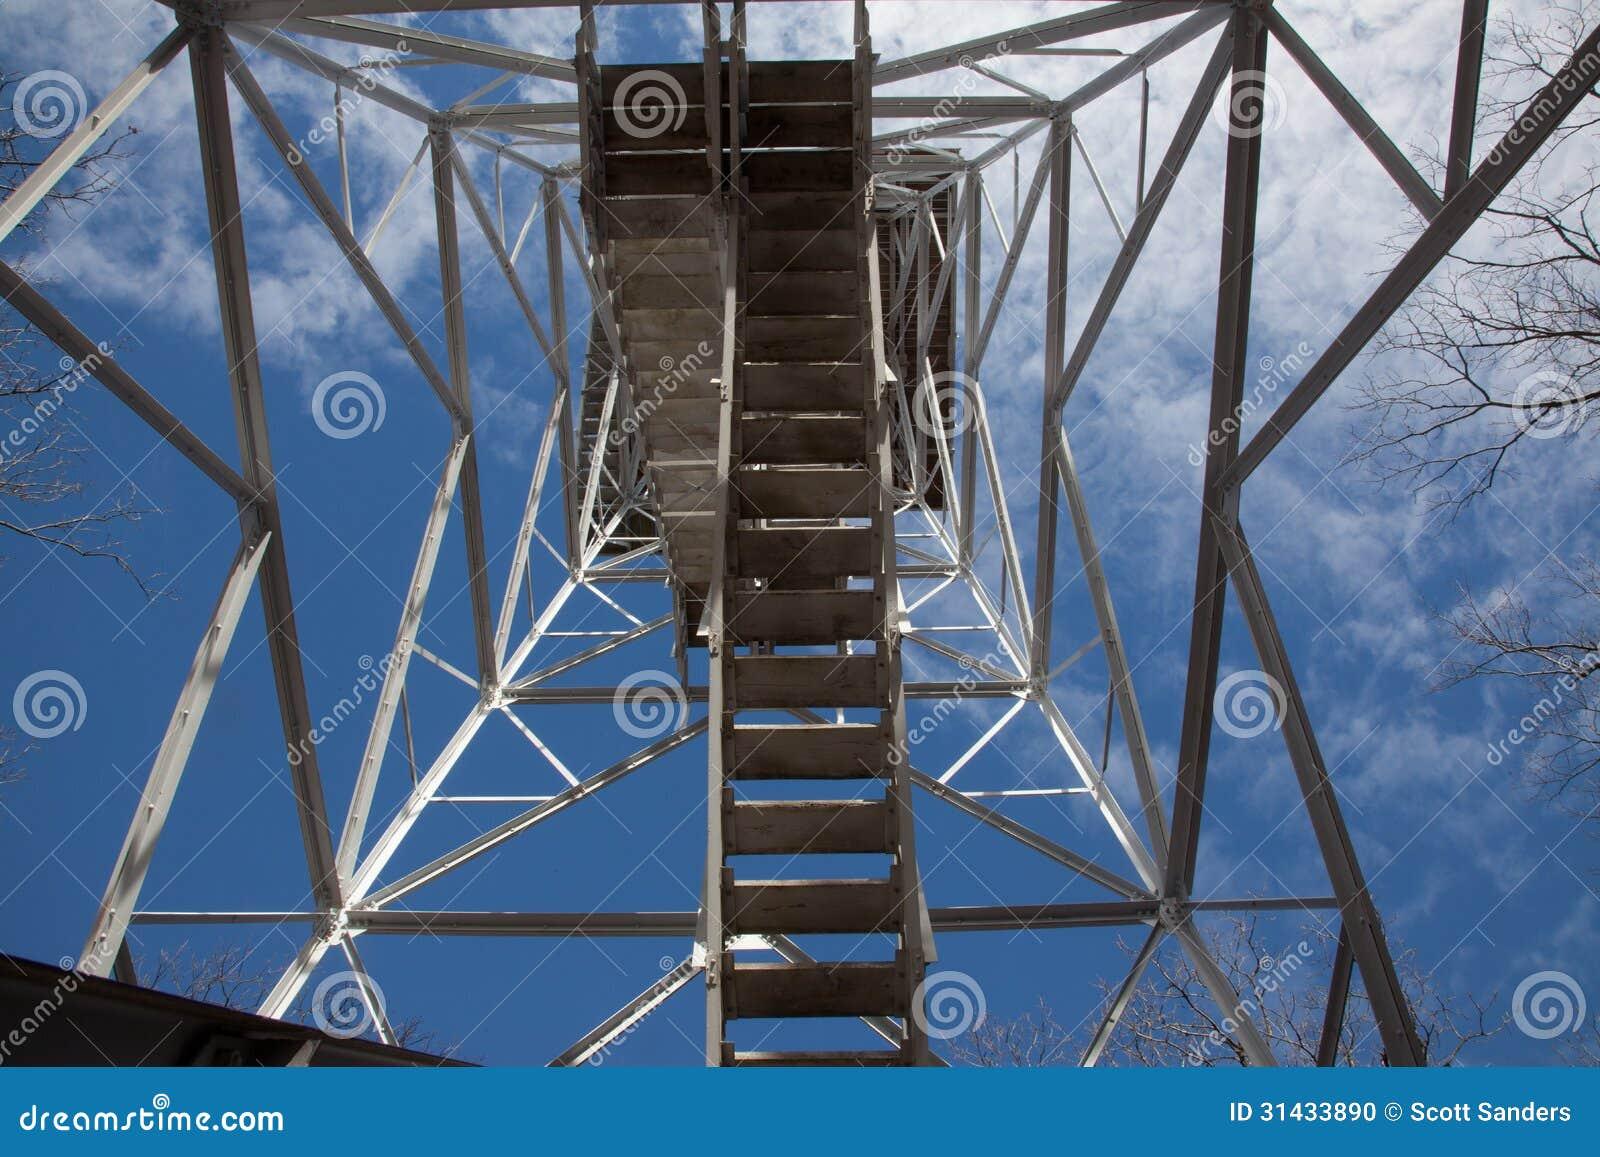 Escaliers de tour de surveillance